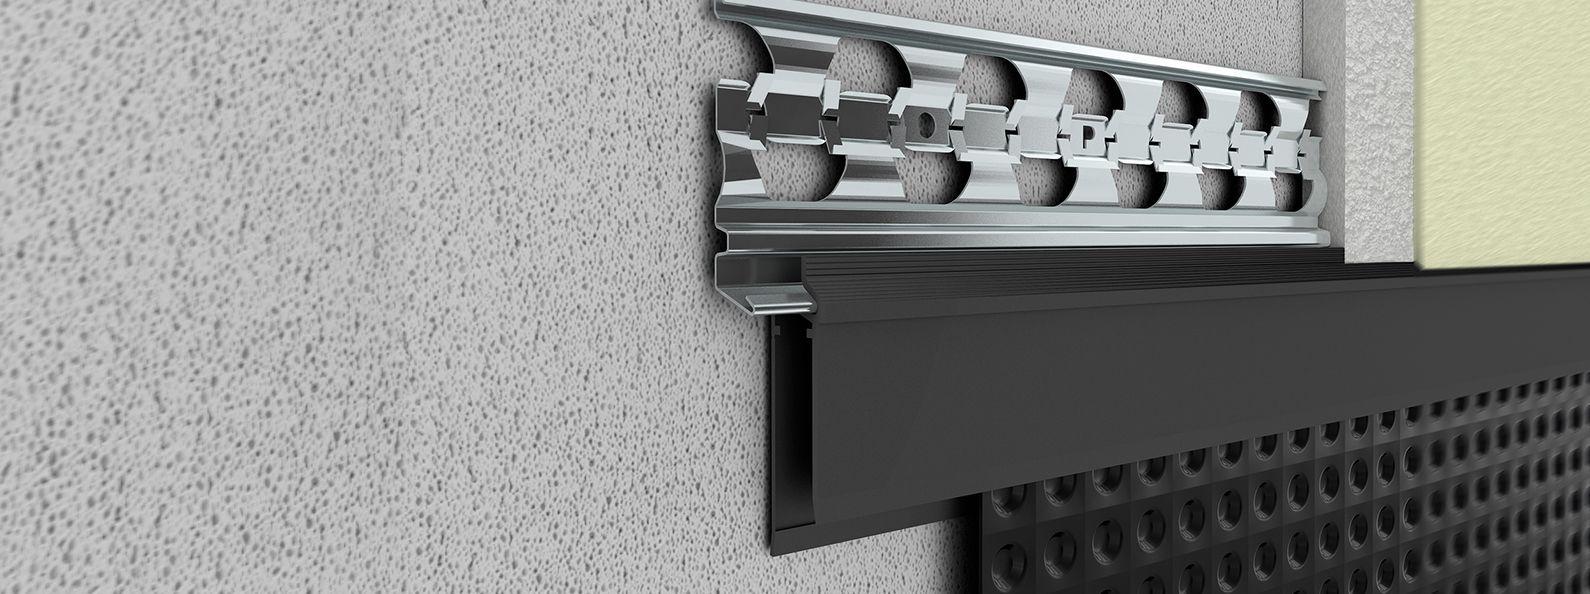 bildergebnis f r abschlu leiste noppenbahn noppenbahn abschluss bahn und ergebnisse. Black Bedroom Furniture Sets. Home Design Ideas